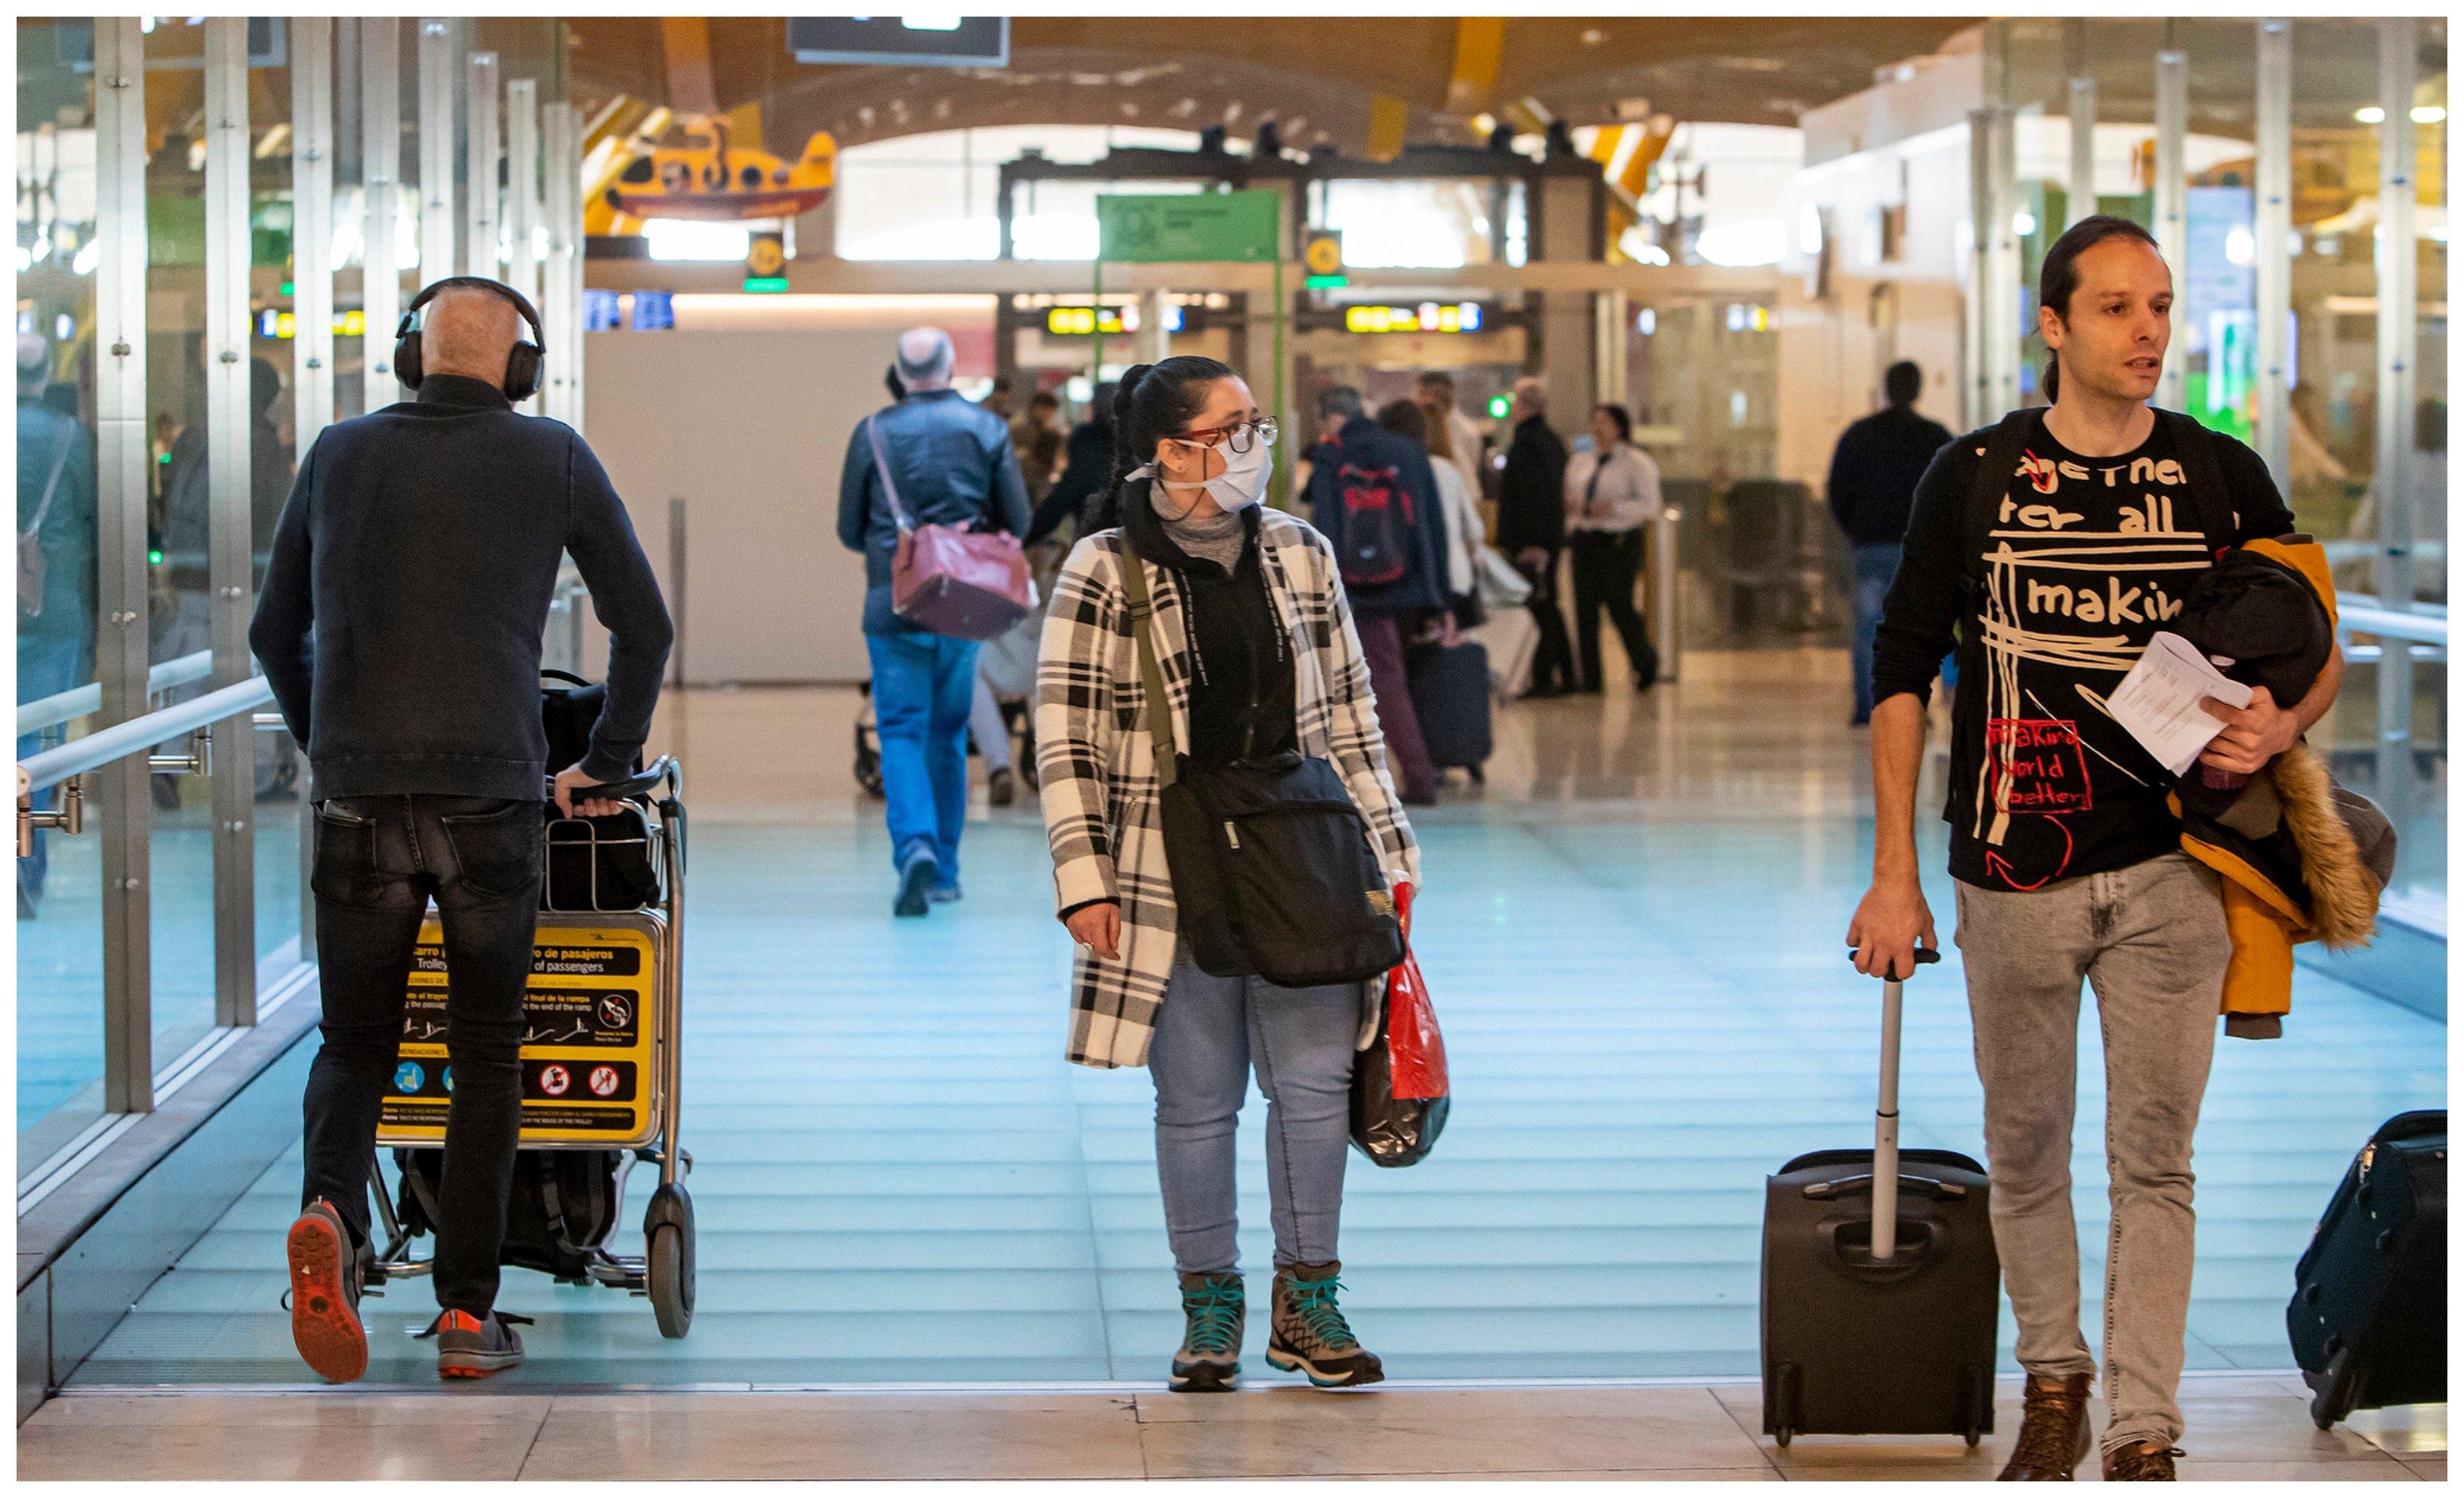 Coronavirus. No es buen momento para hacer turismo: los españoles, con restricciones para viajar a 62 países de los cinco continentes